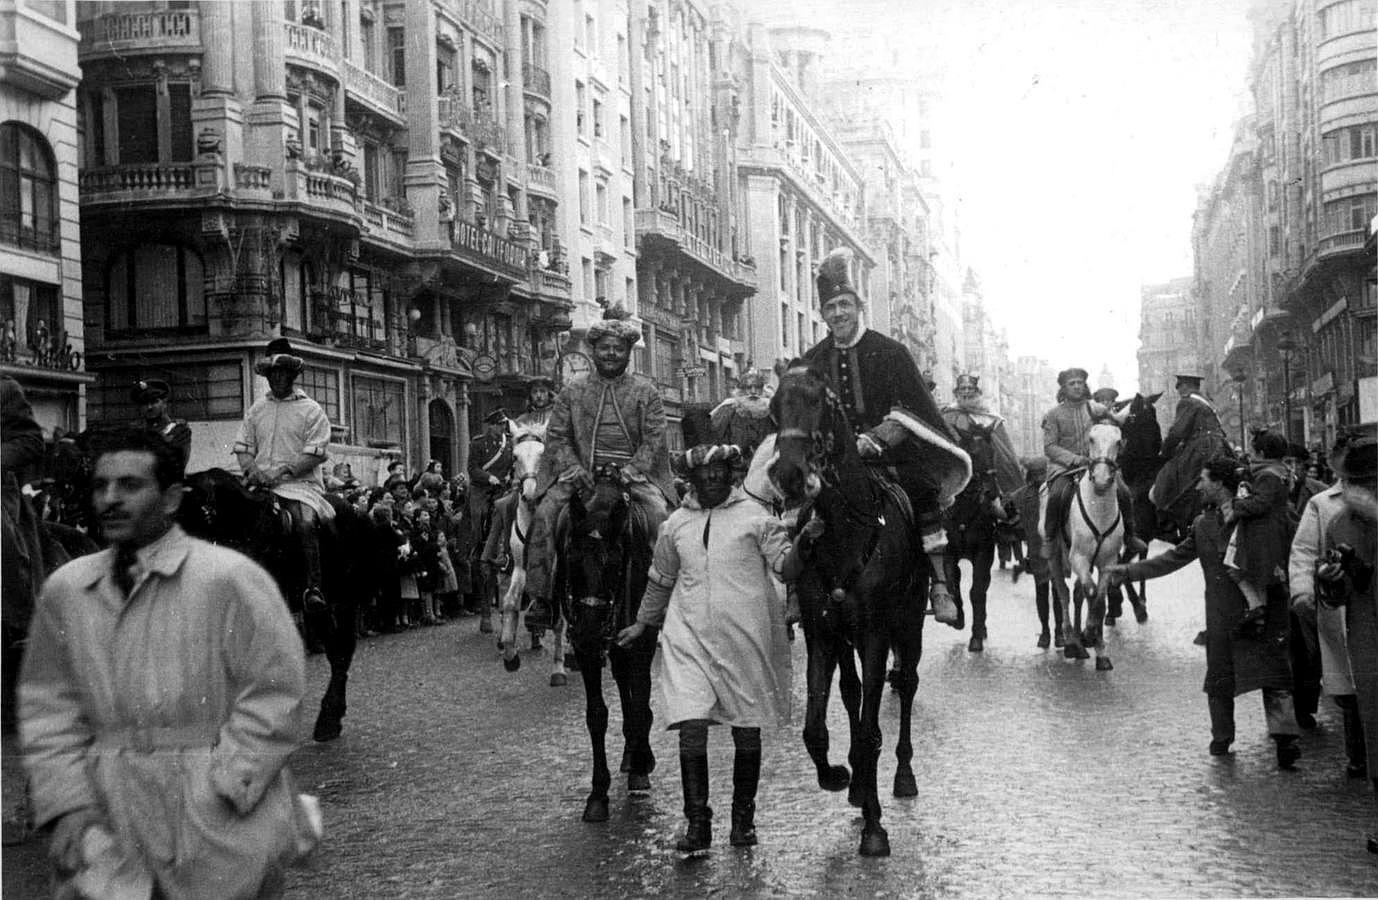 Madrid, 06/01/1948. Cabalgata de Reyes Magos celebrada en la mañana del 6 de enero de 1948